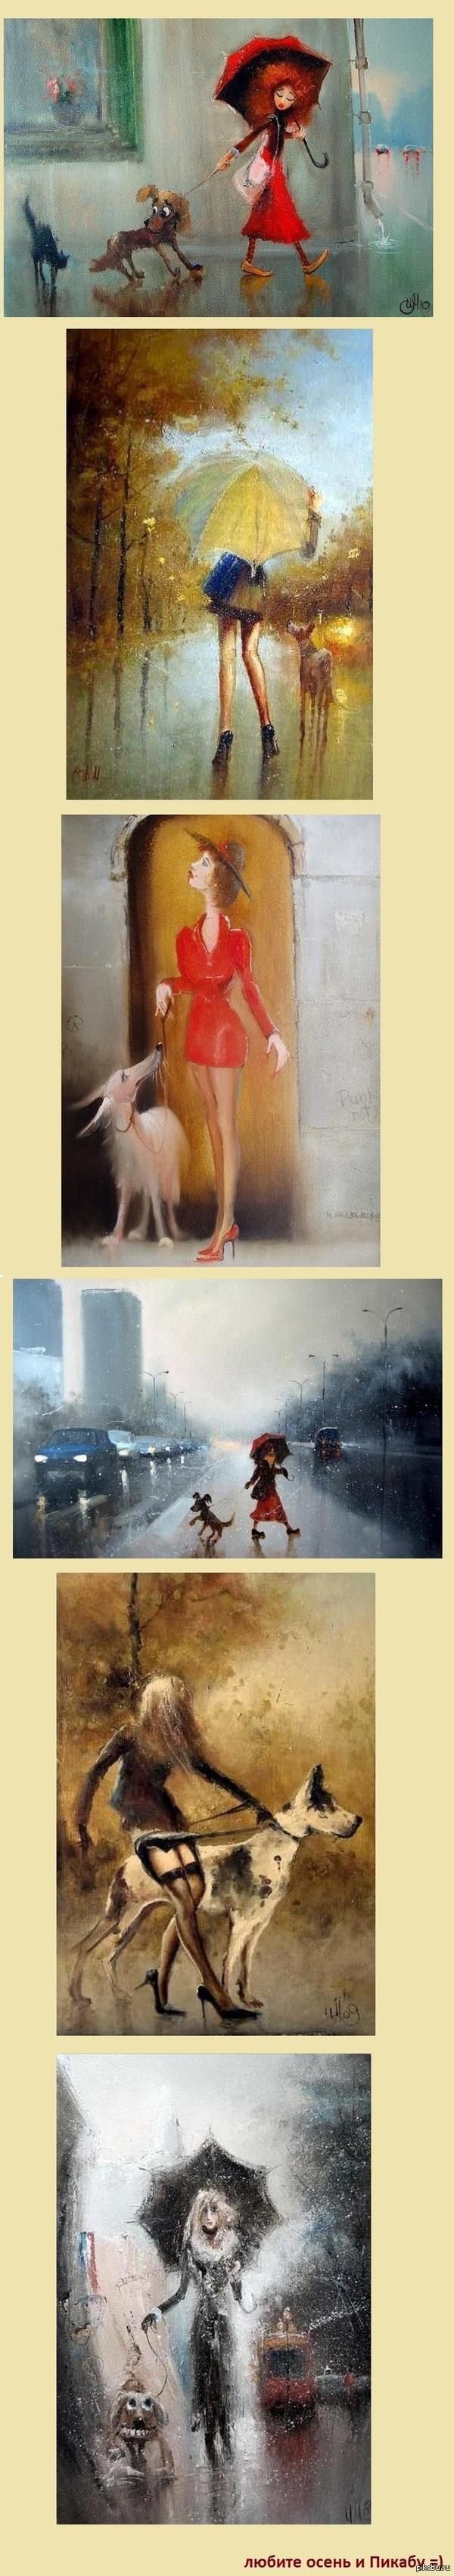 Шарм осени осень, девушки и их собаки в удивительных картинах Игоря Медведева